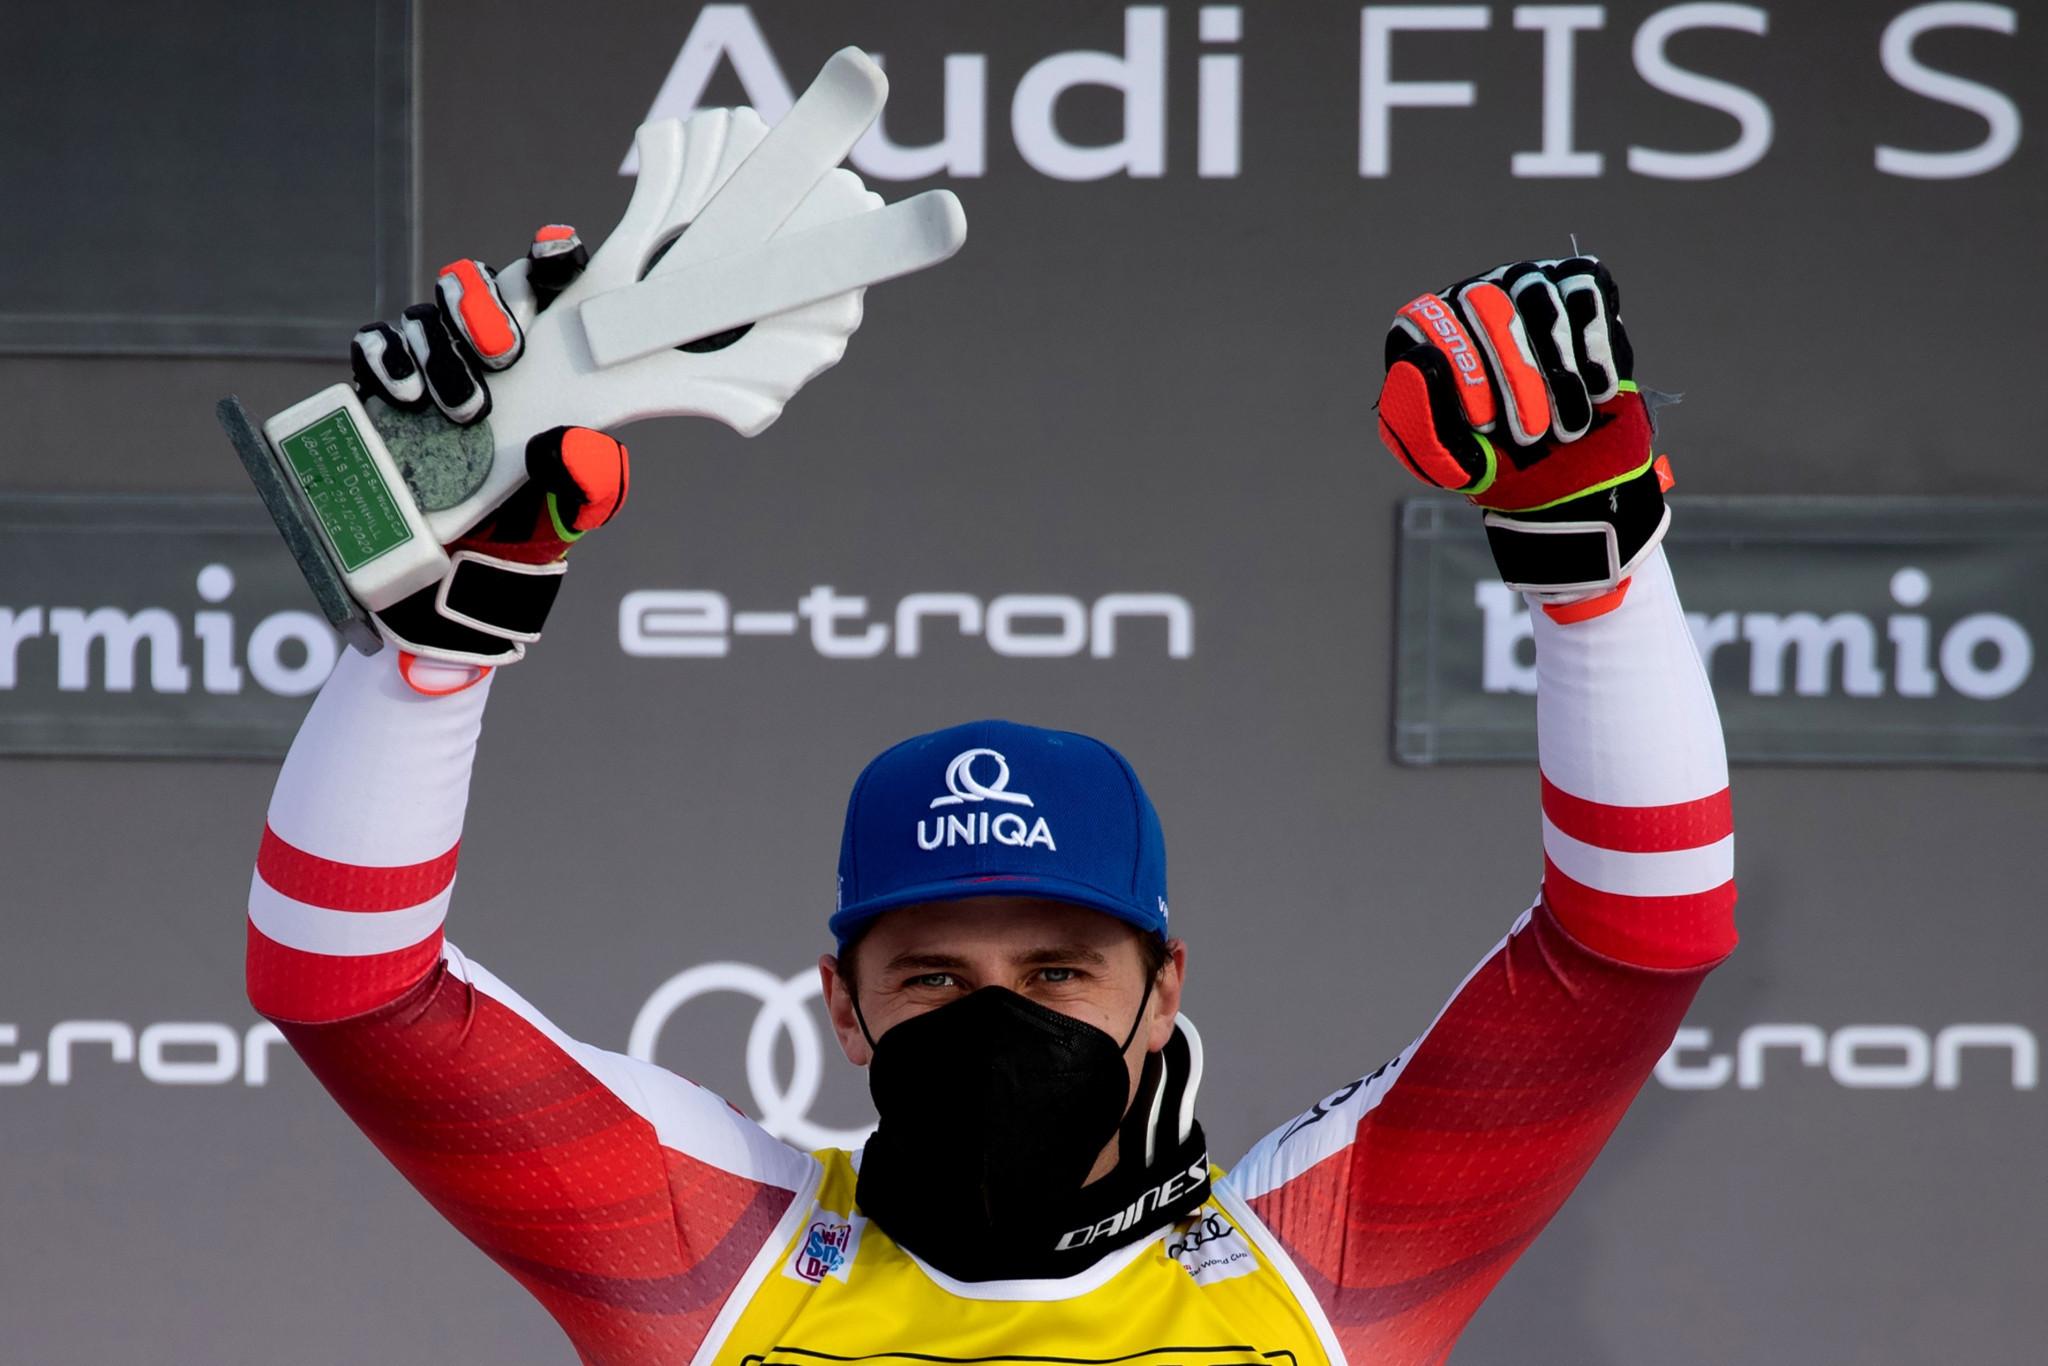 Mayer takes narrow win in men's Alpine Ski World Cup downhill in Bormio